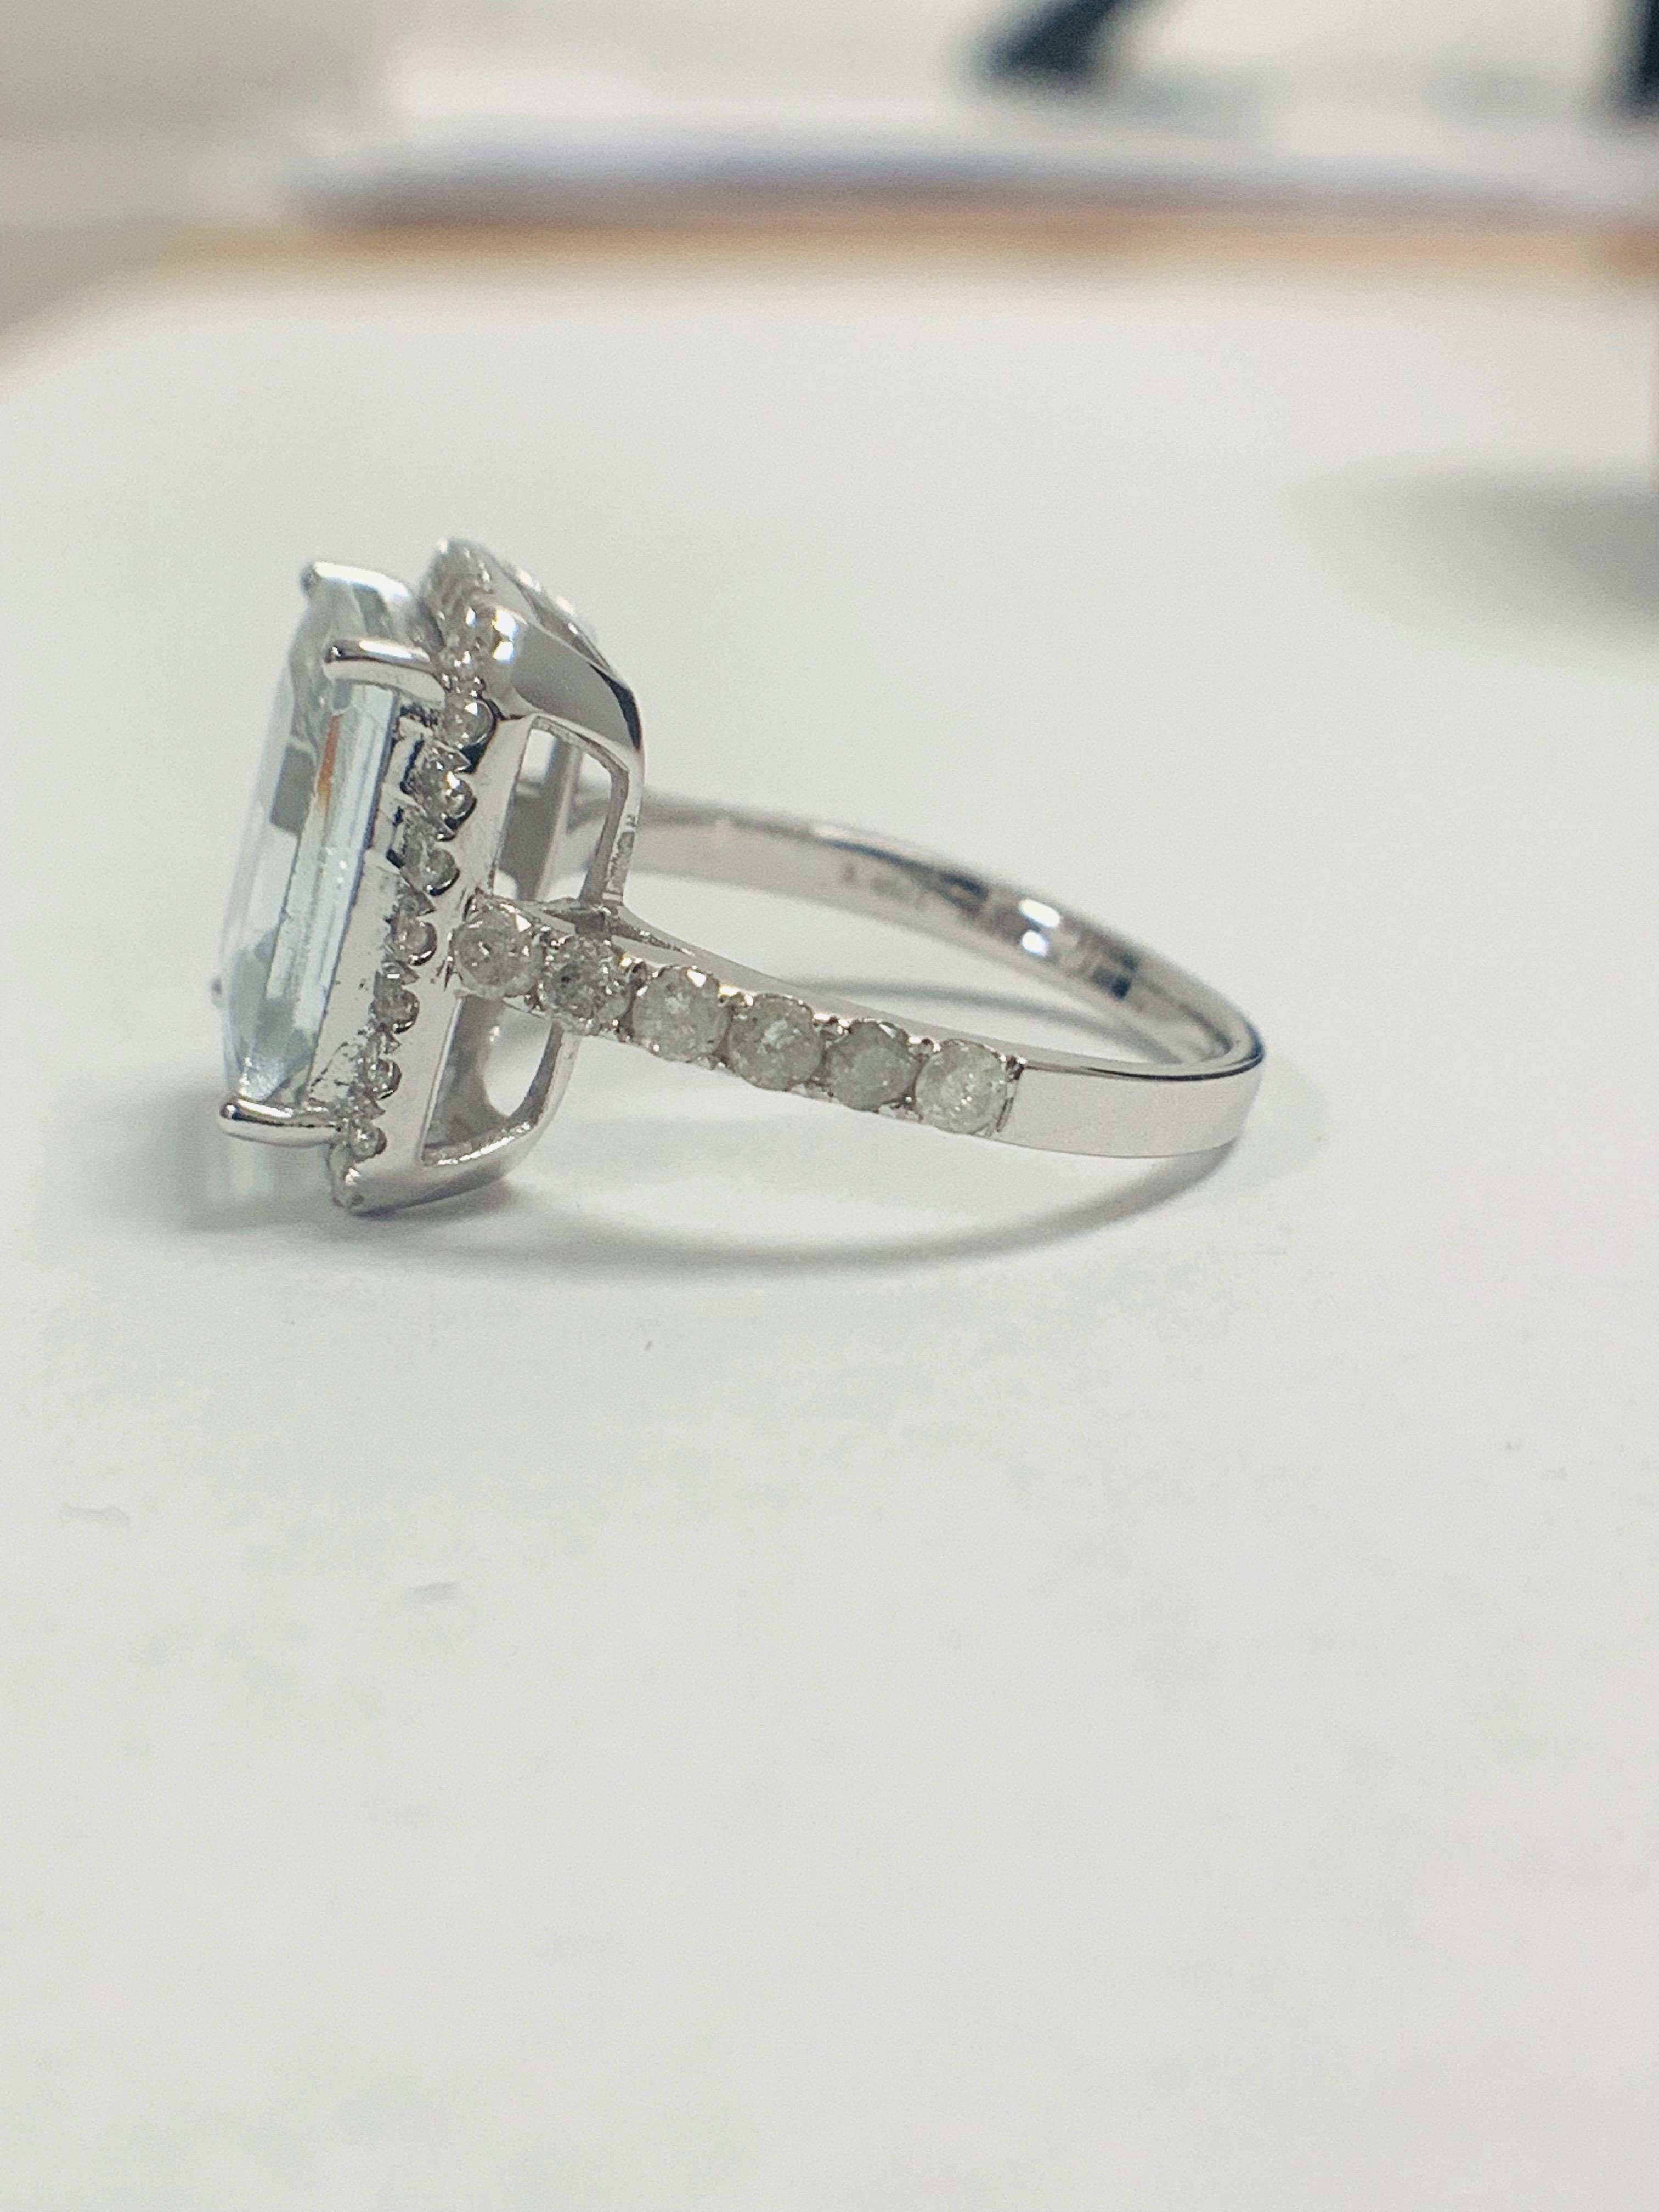 14ct White Gold Aquamarine and Diamond ring - Image 3 of 12